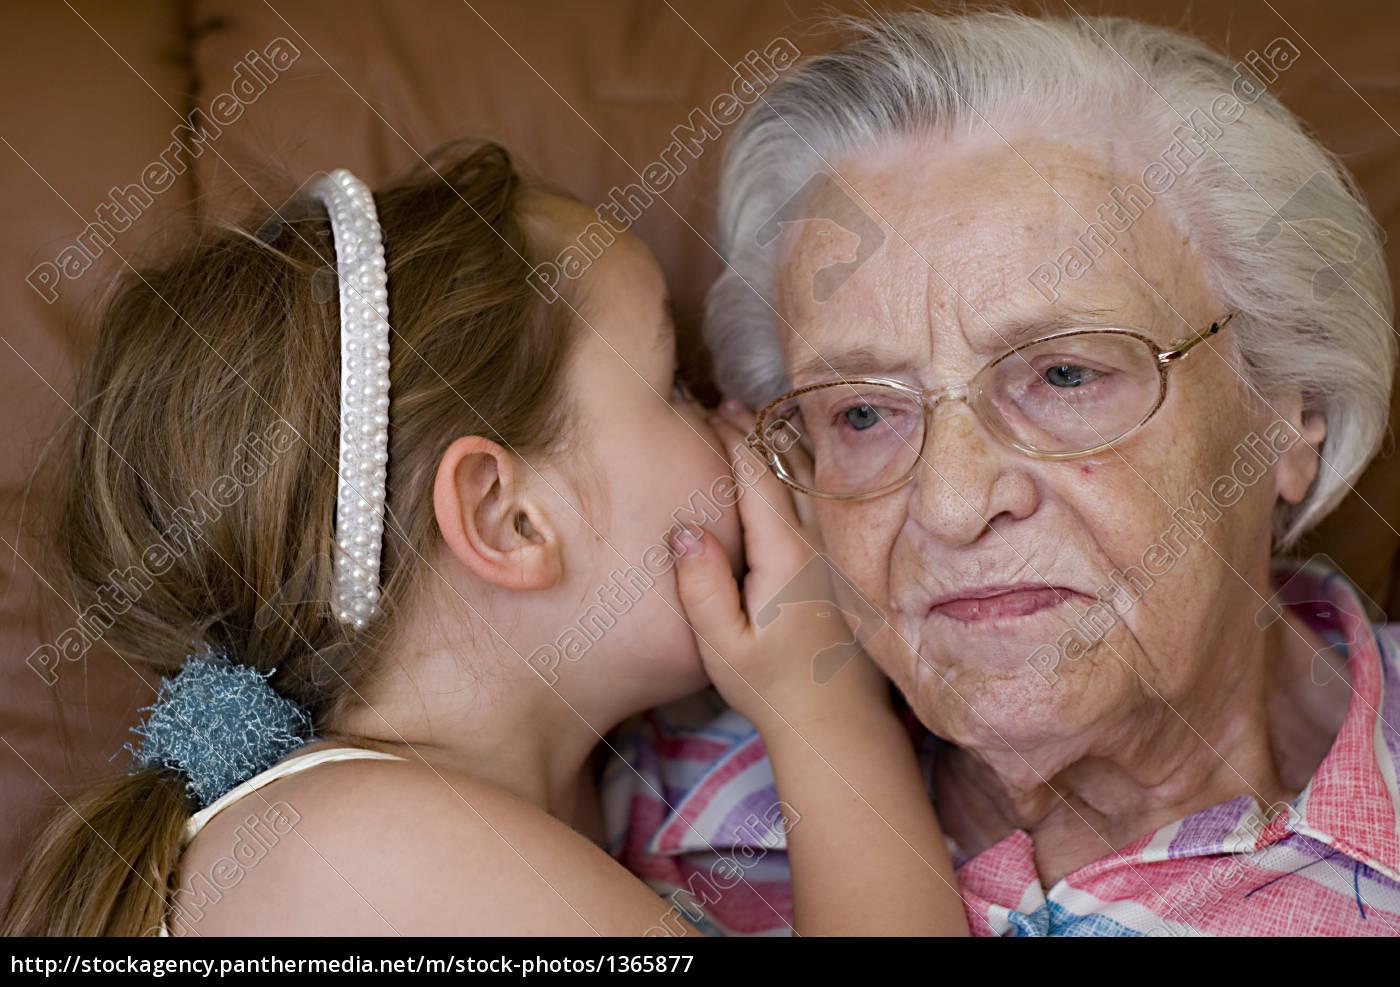 secret, between, grandmother, and, granddaughter - 1365877